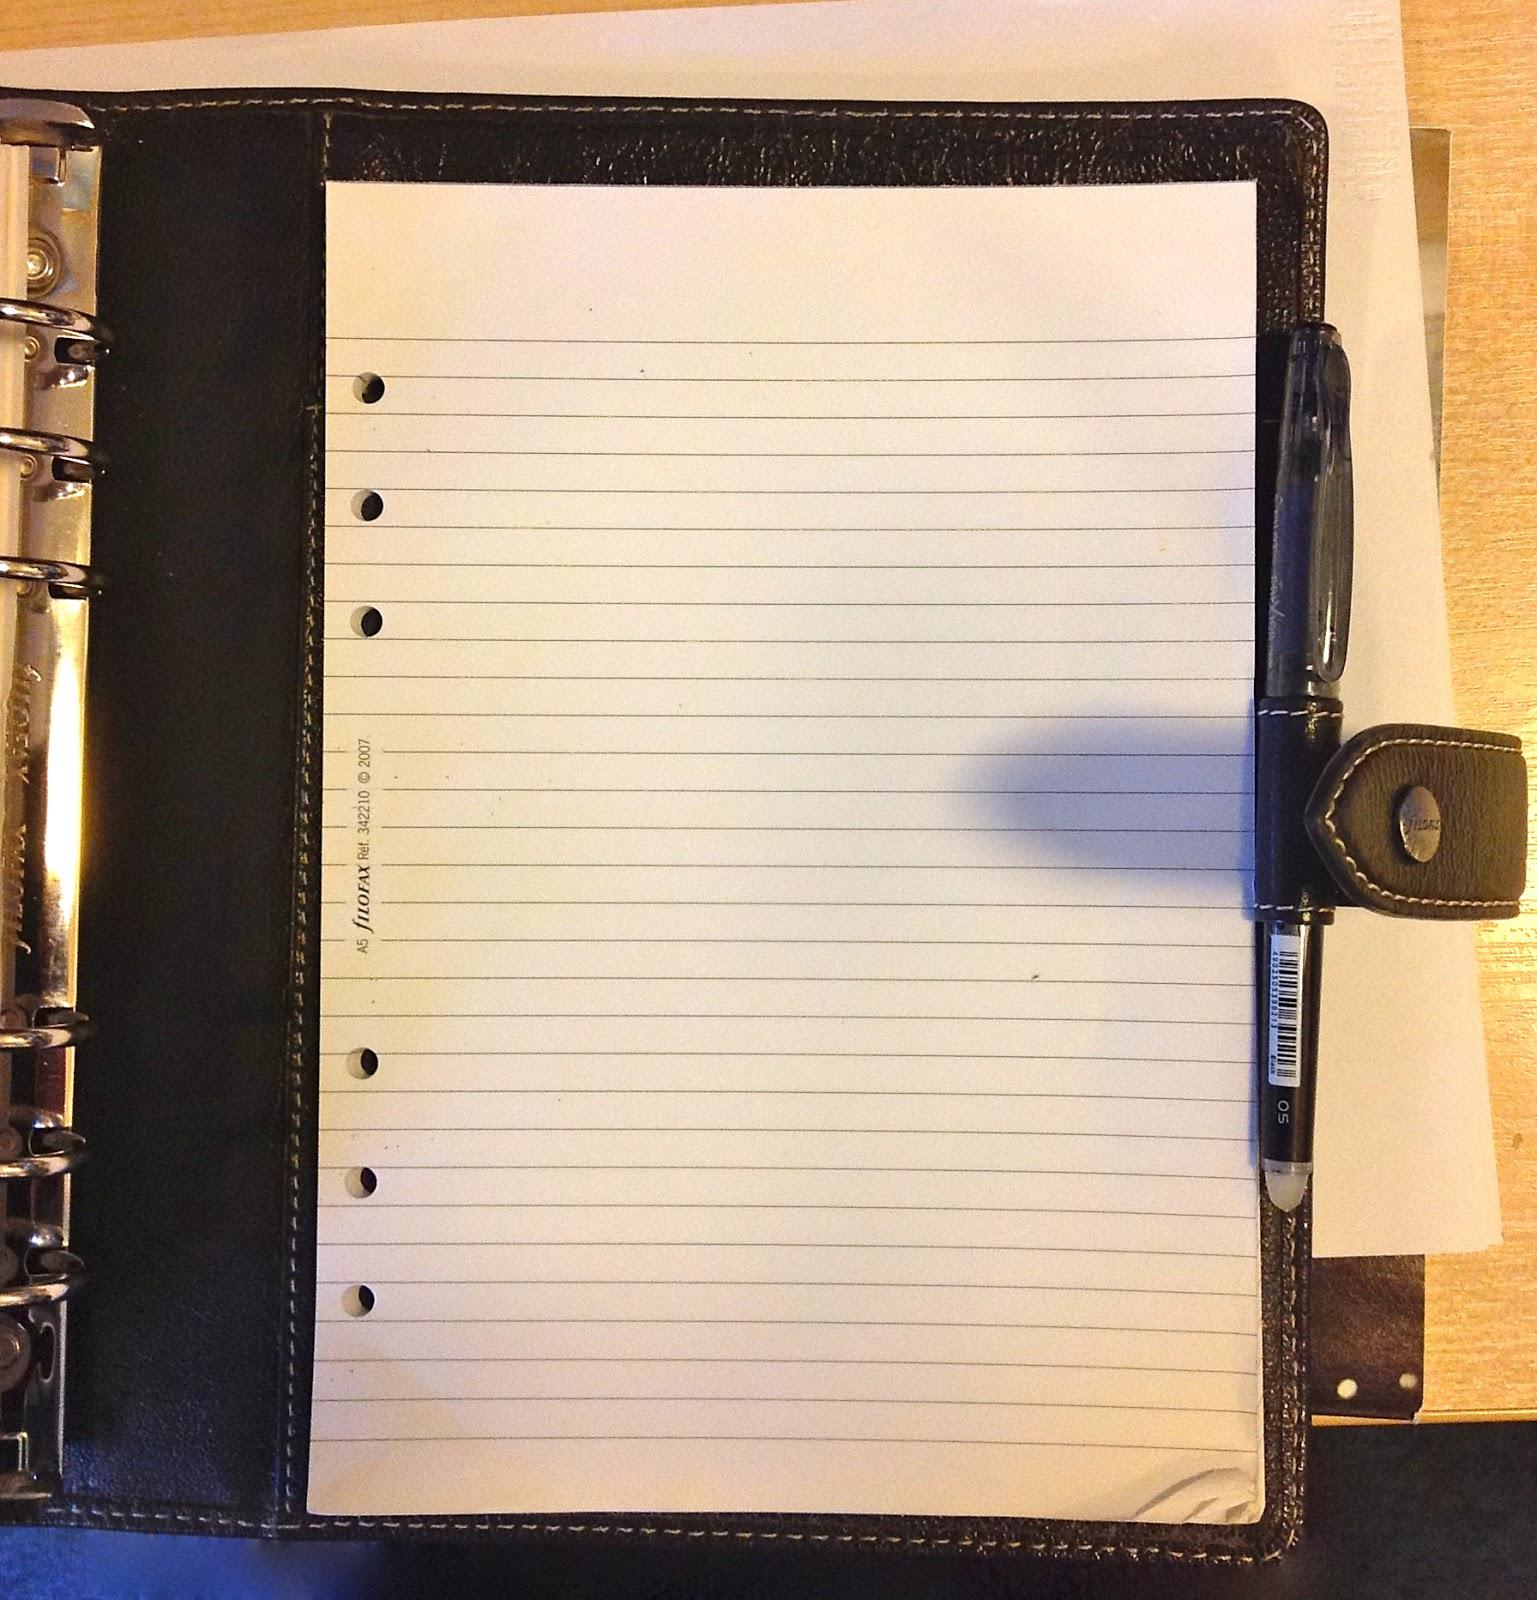 Großzügig Blogspot.com Vorlagen Bilder - Beispielzusammenfassung ...